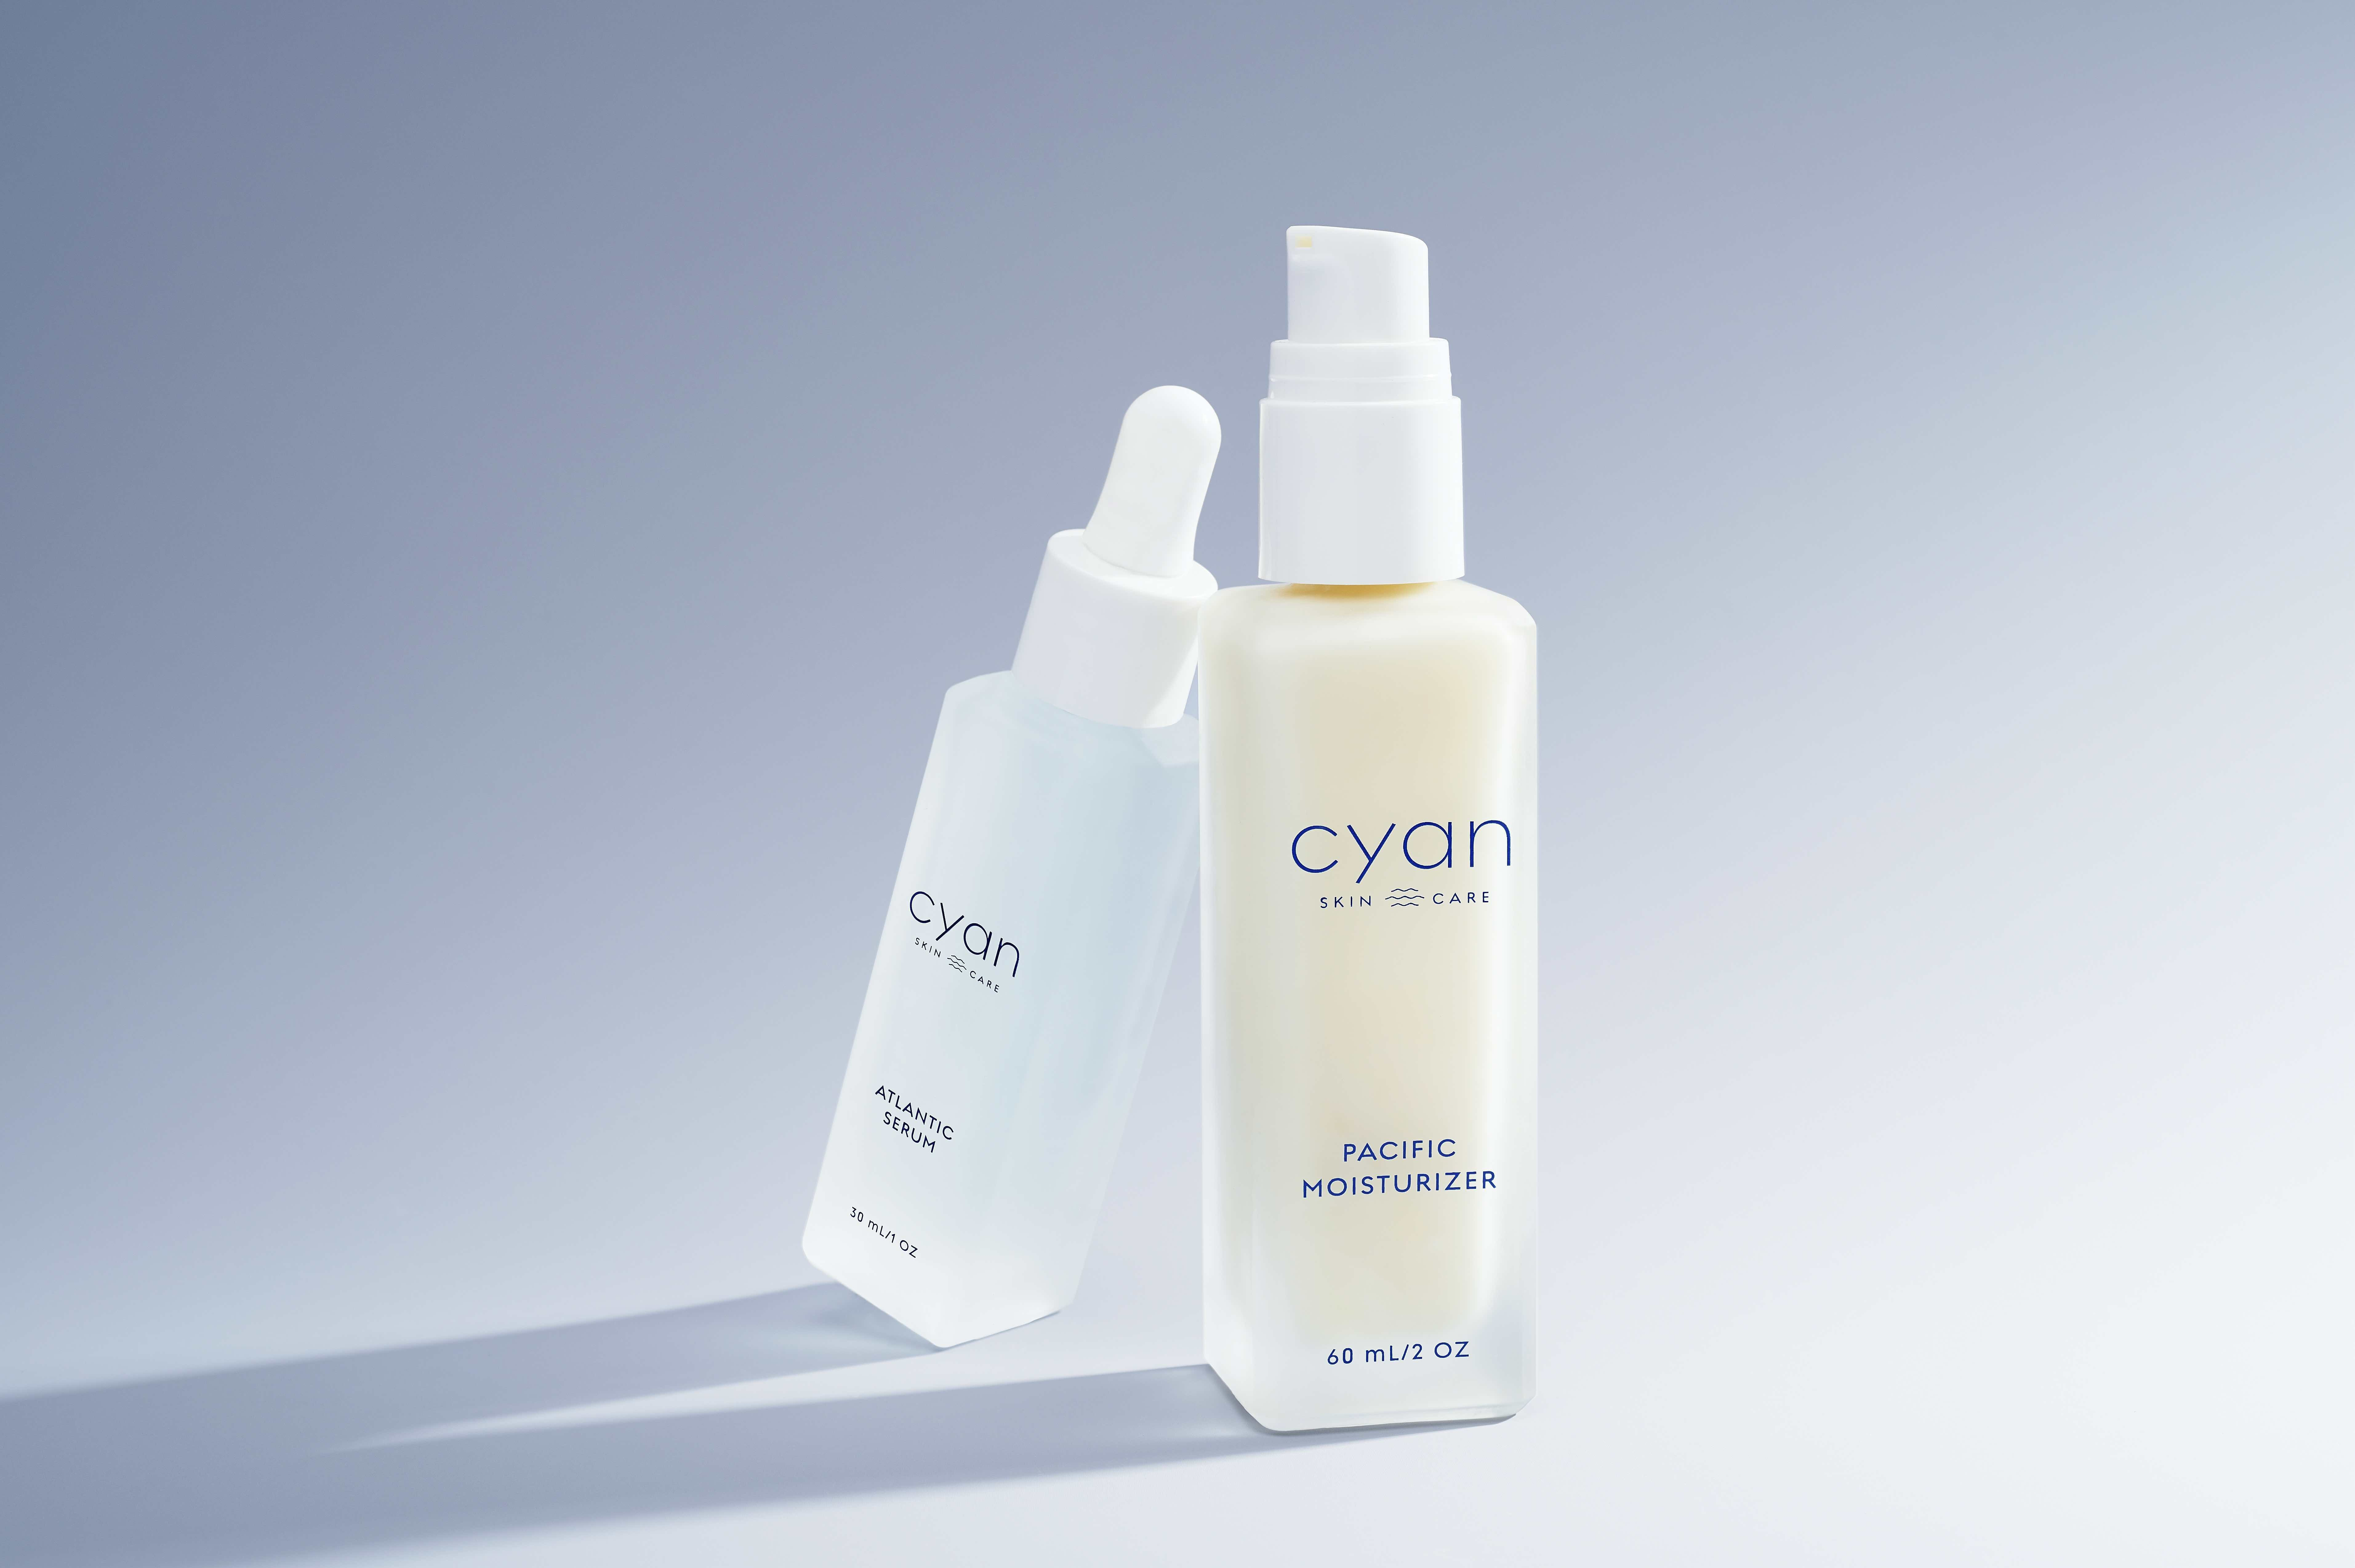 Cyan Skincare